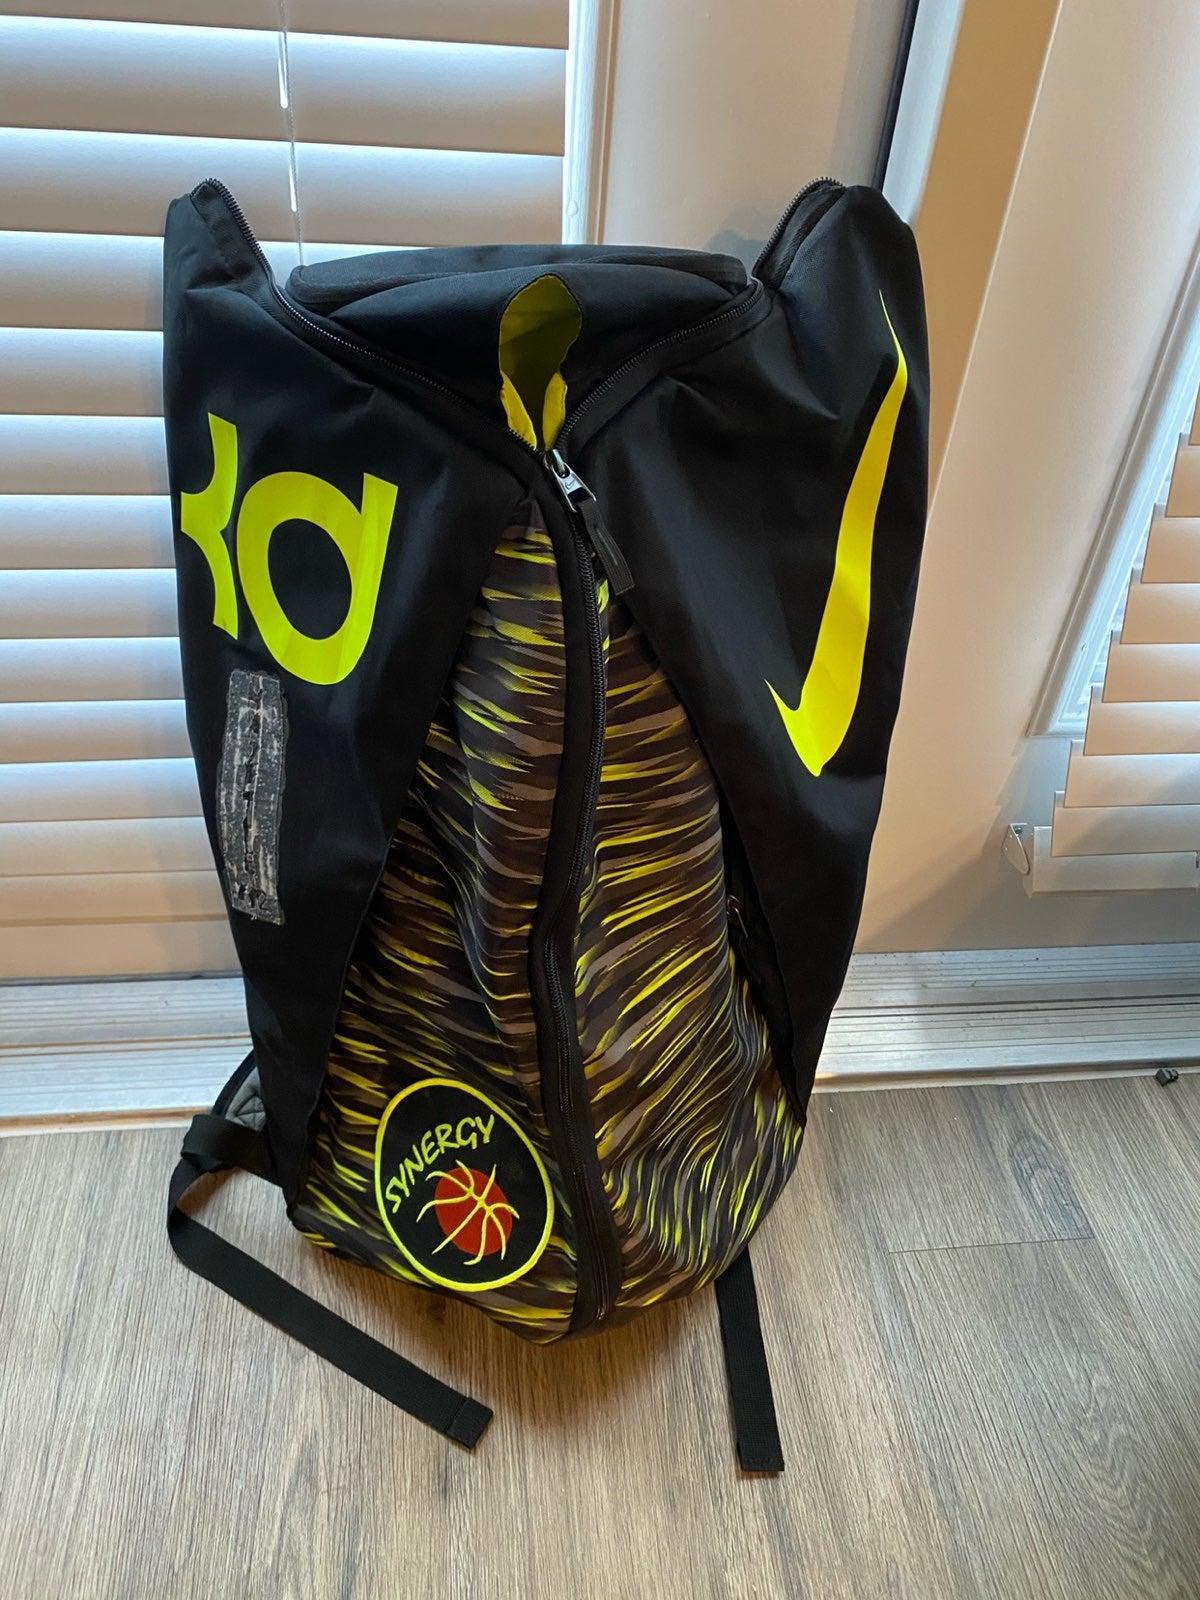 KD Nike Max Air VIII backpack